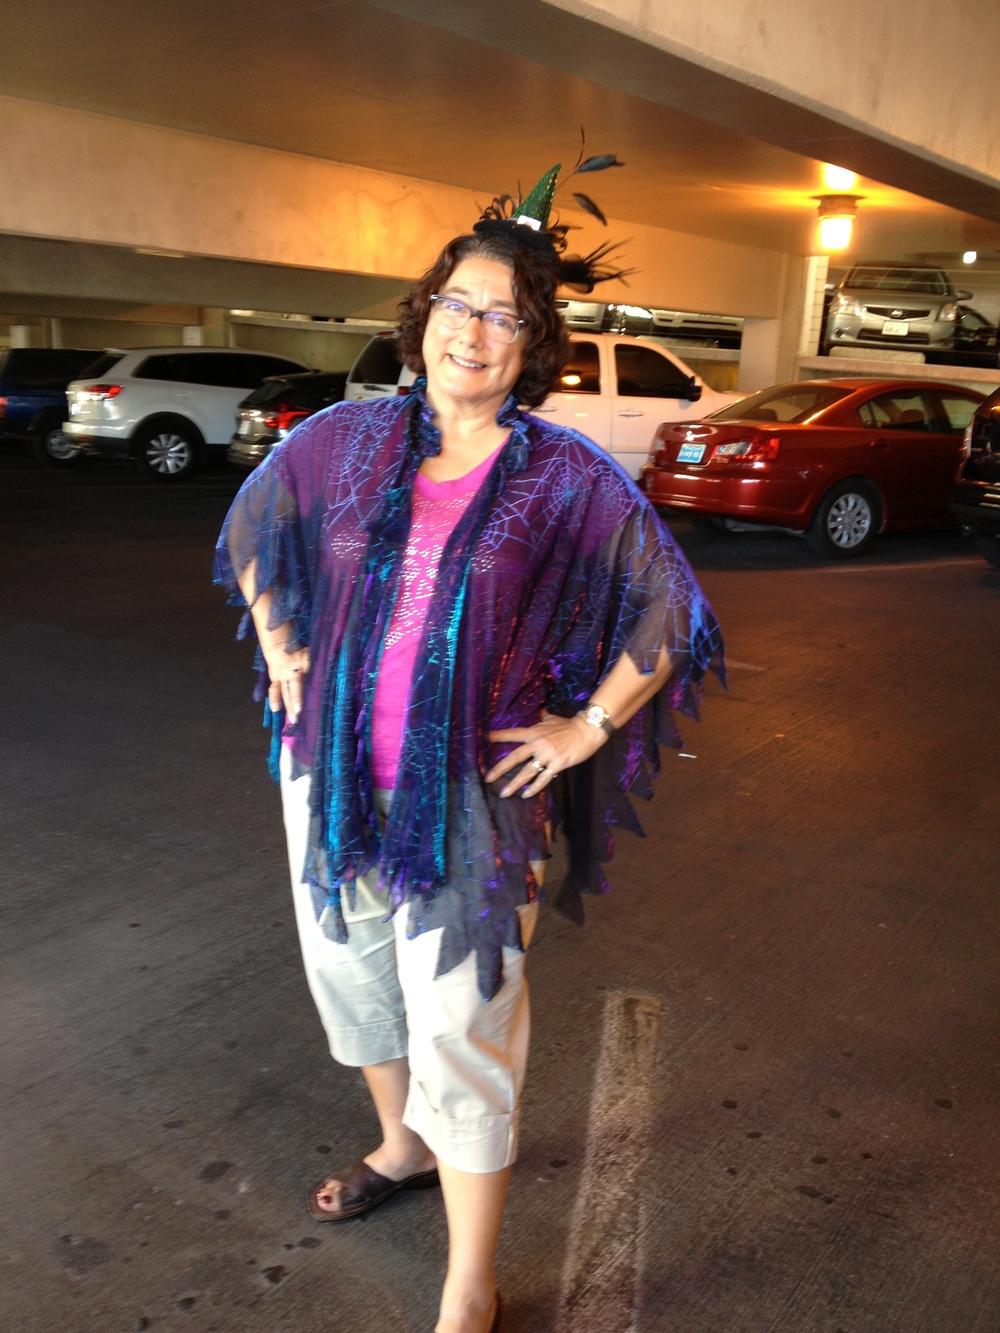 cindy's halloween outfit, minus her light-up pumpkin shirt!